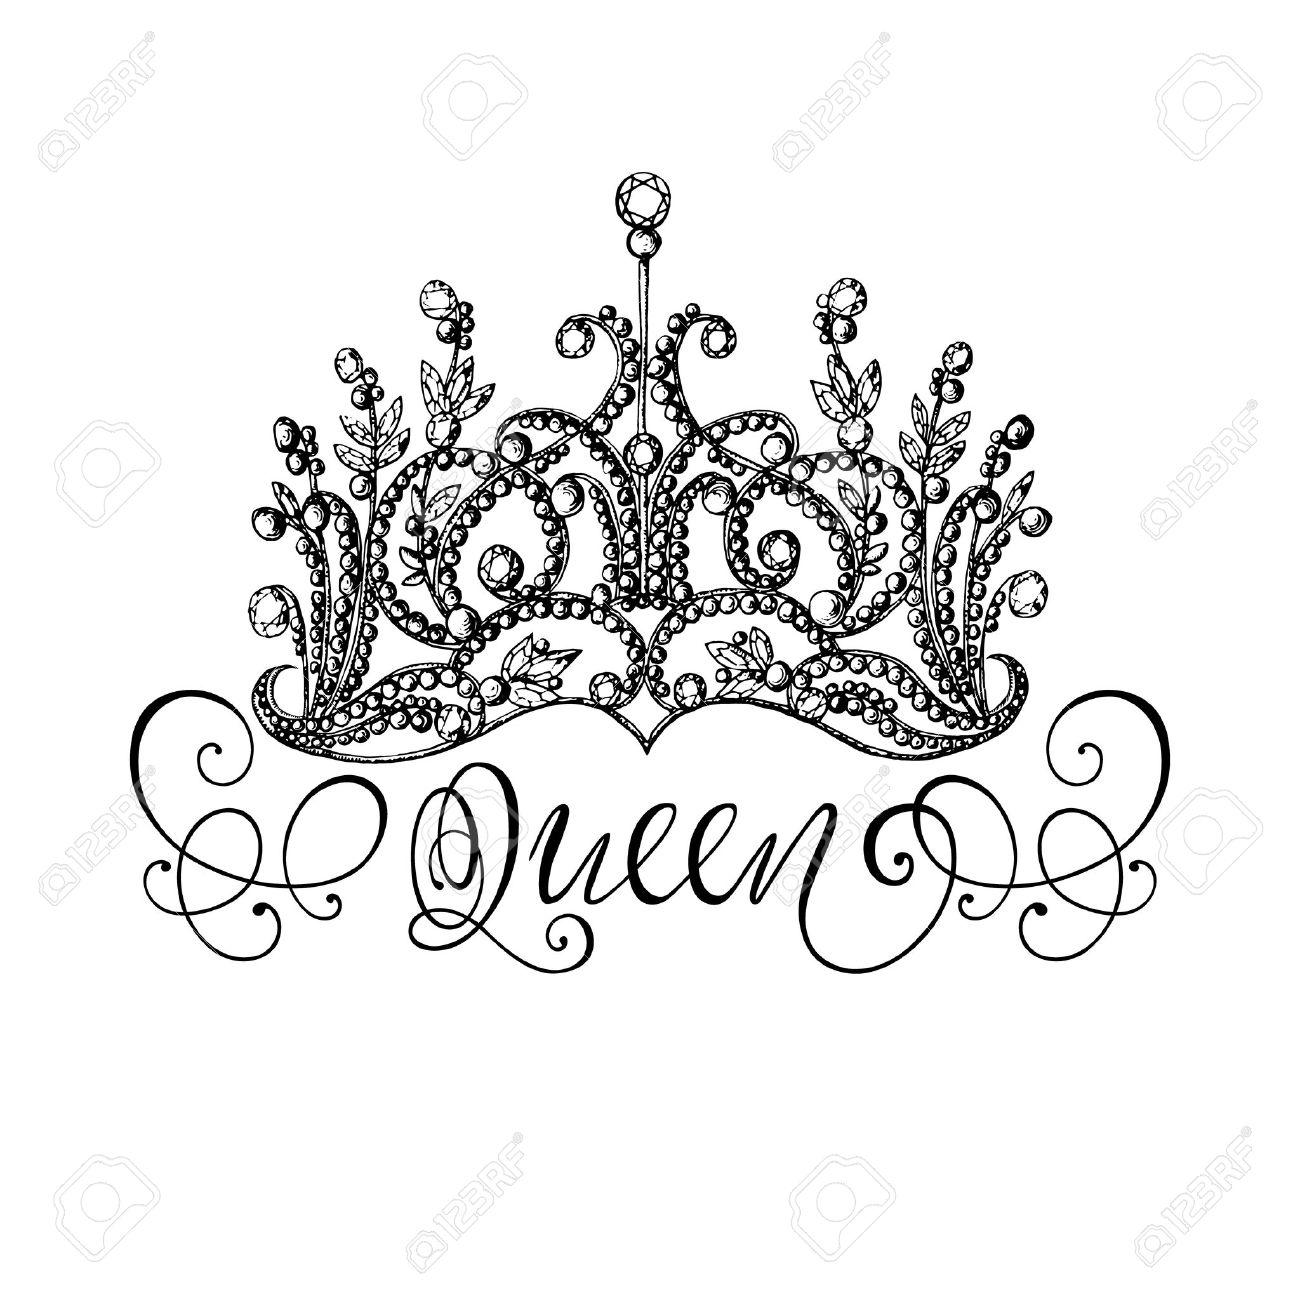 エレガントなの手描きの文字の女王冠が。グラフィックの白黒イラスト